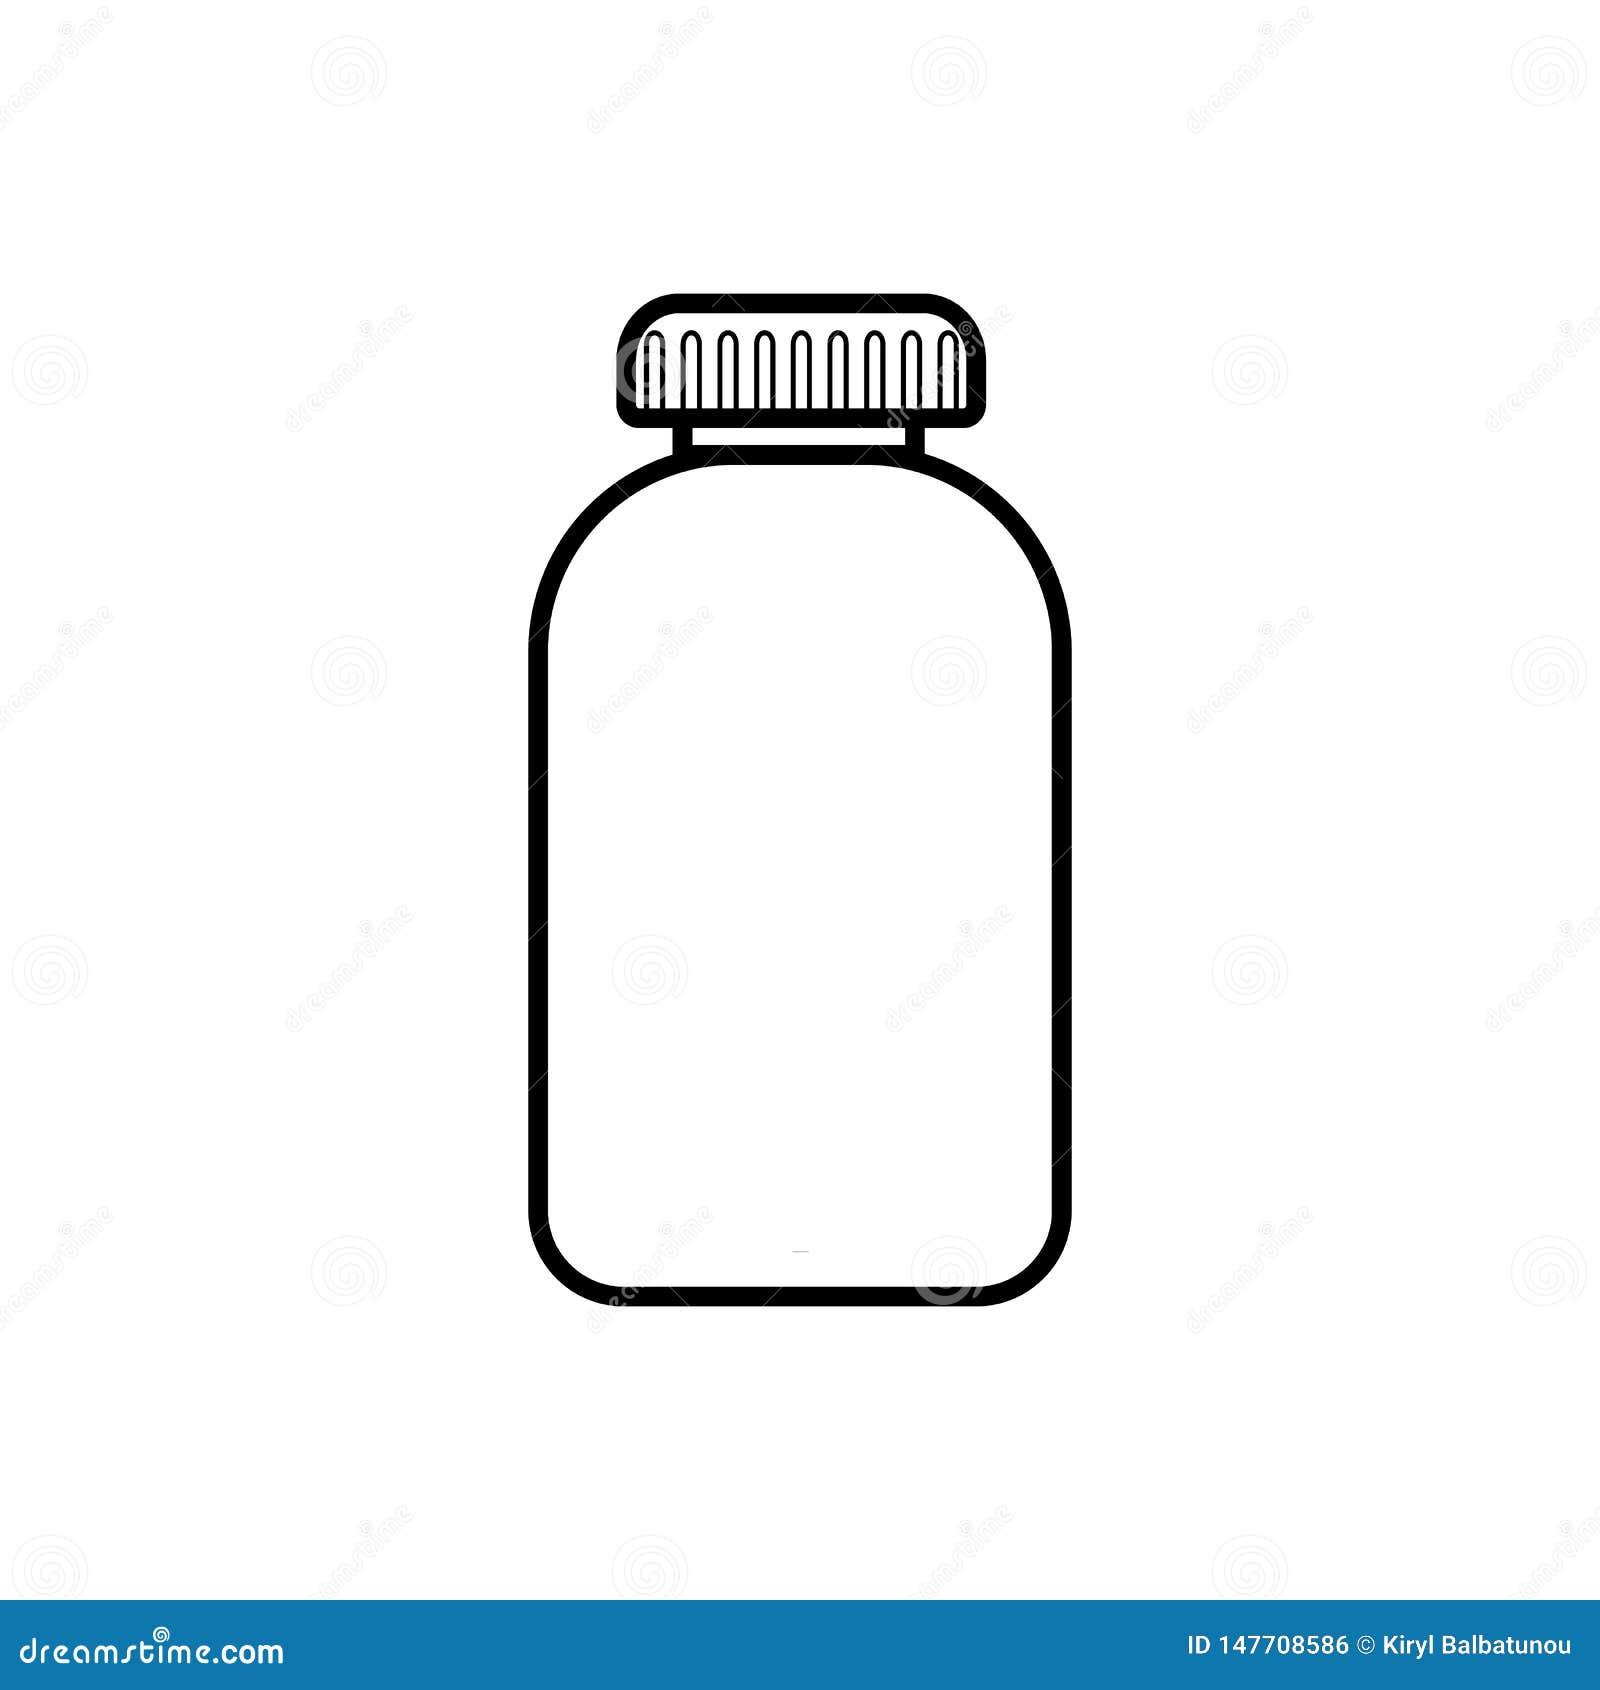 Medische farmaceutische pillenpillen in een pakket, een kruik met een deksel voor de behandeling van ziekten, een eenvoudig zwart